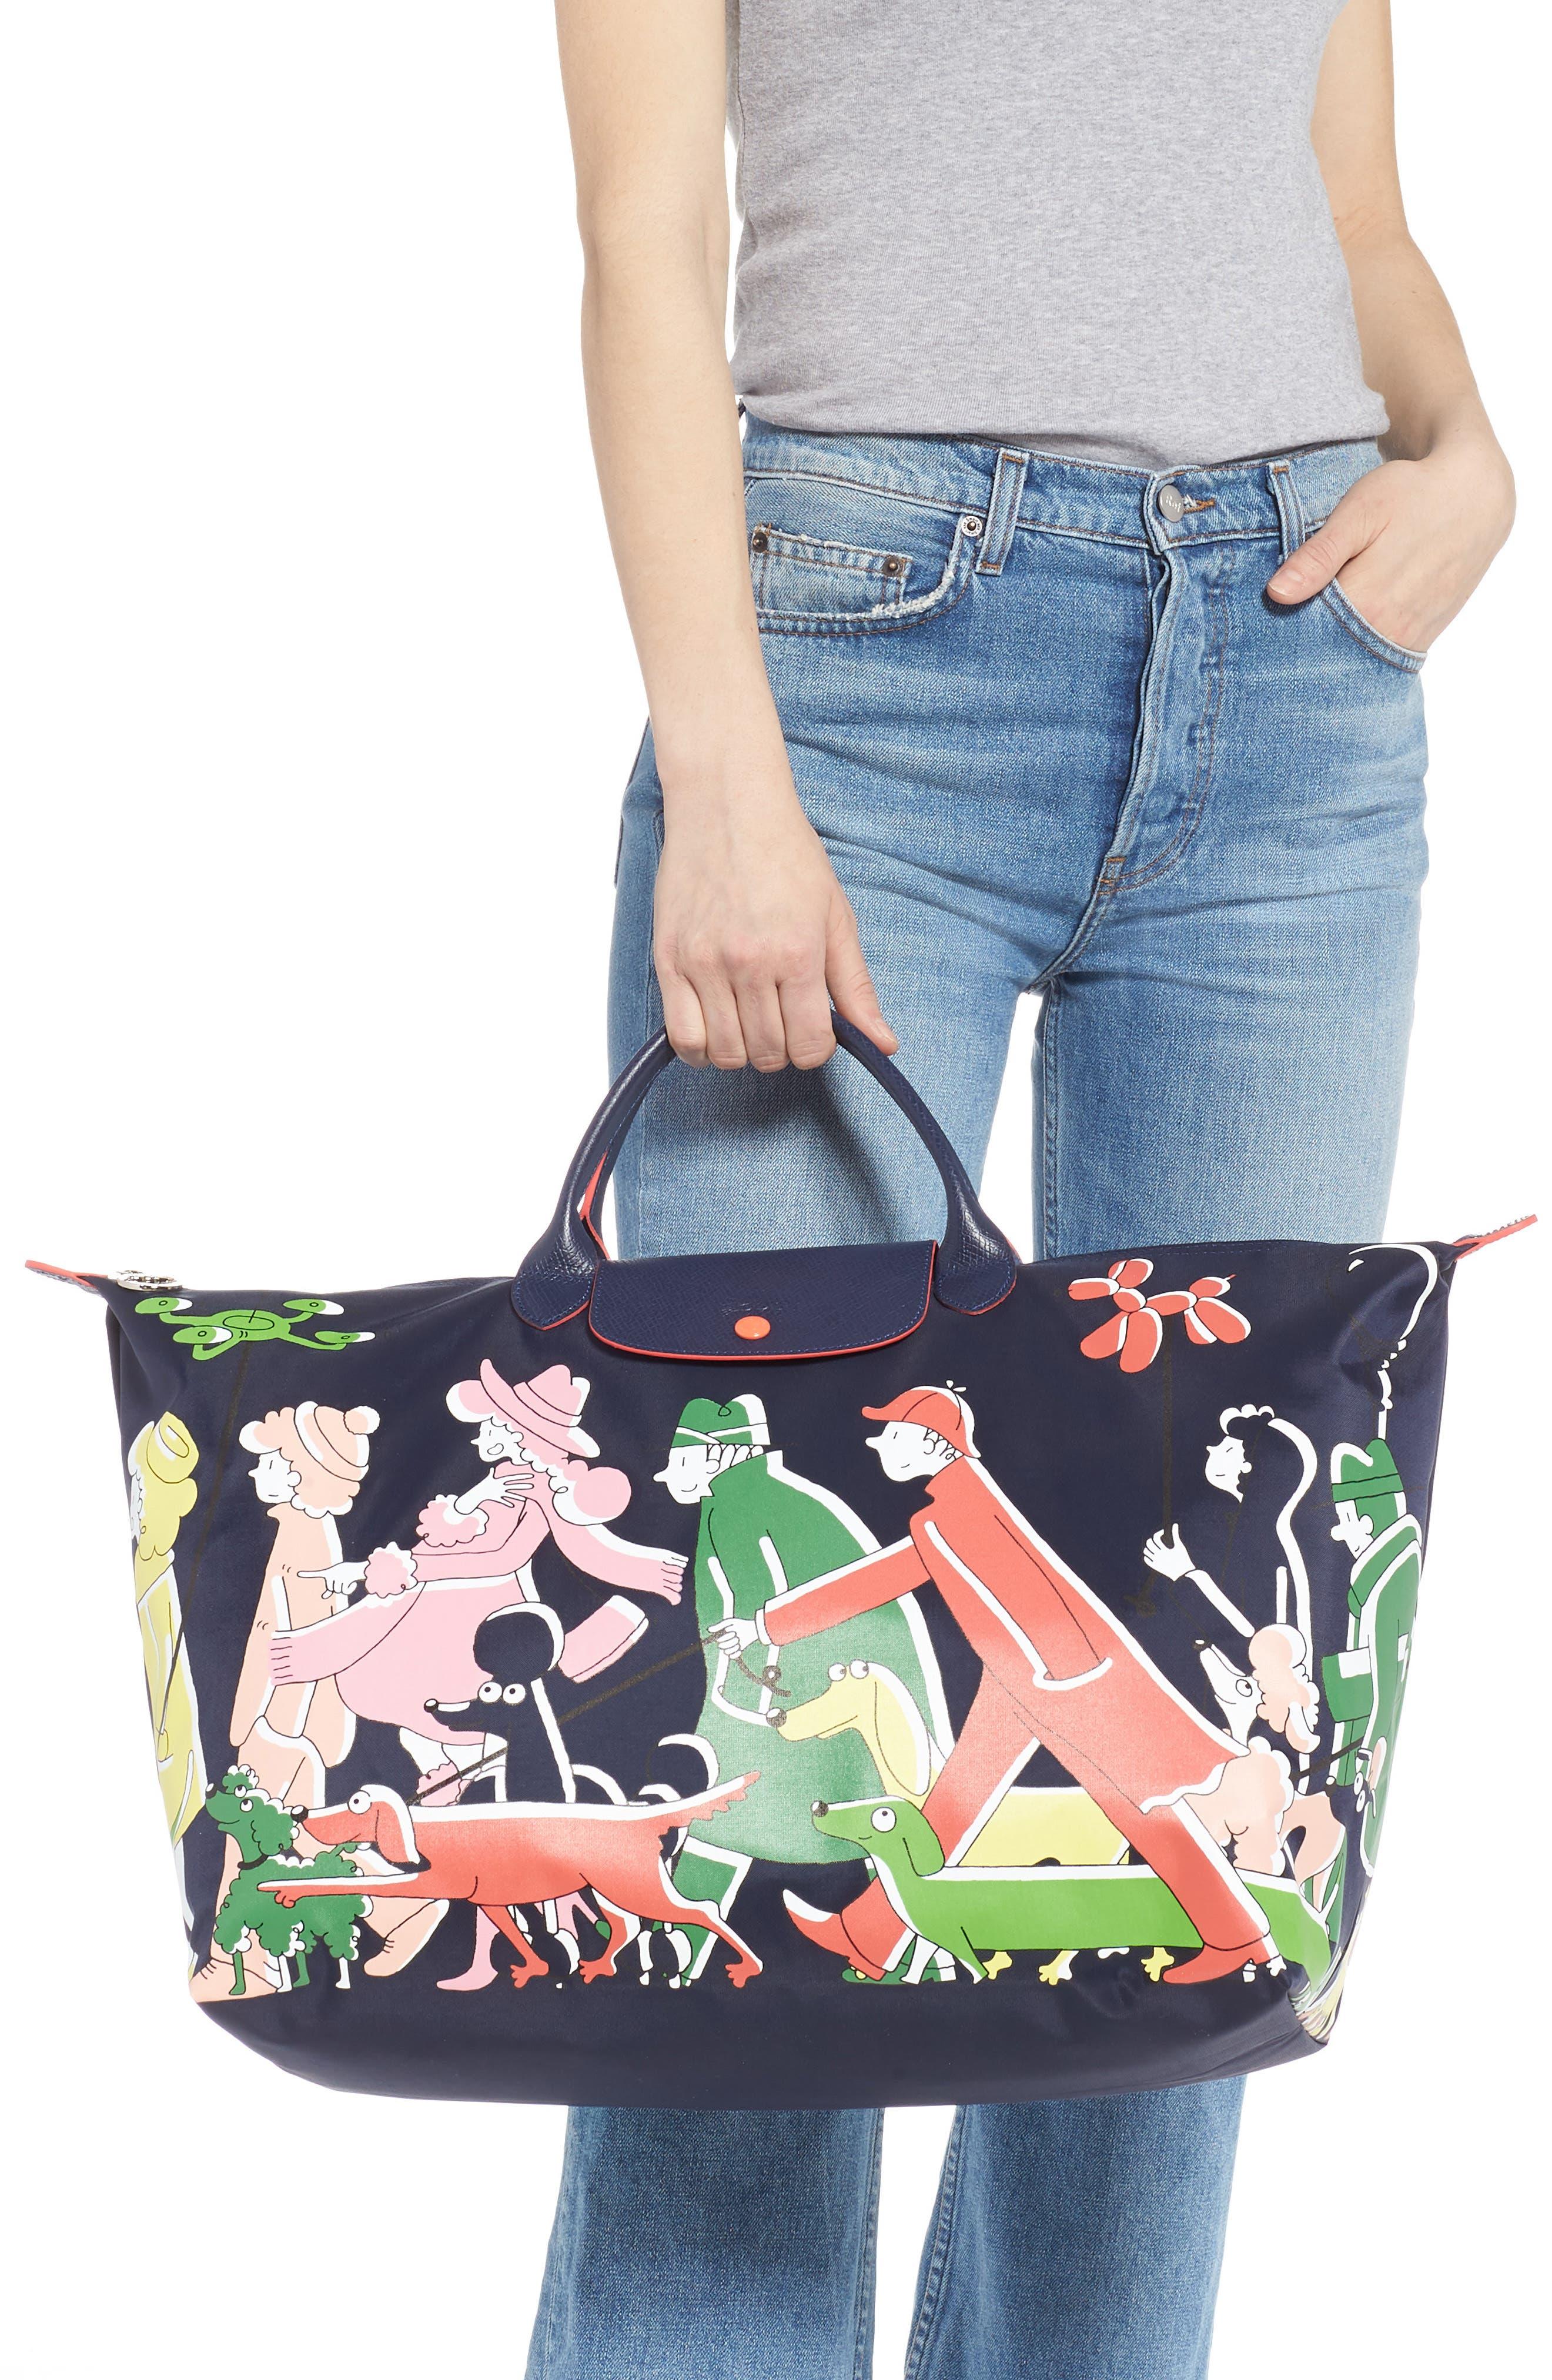 x Clo'e Floirat Le Pliage Illustration Travel Bag,                             Alternate thumbnail 2, color,                             MULTICOLOR